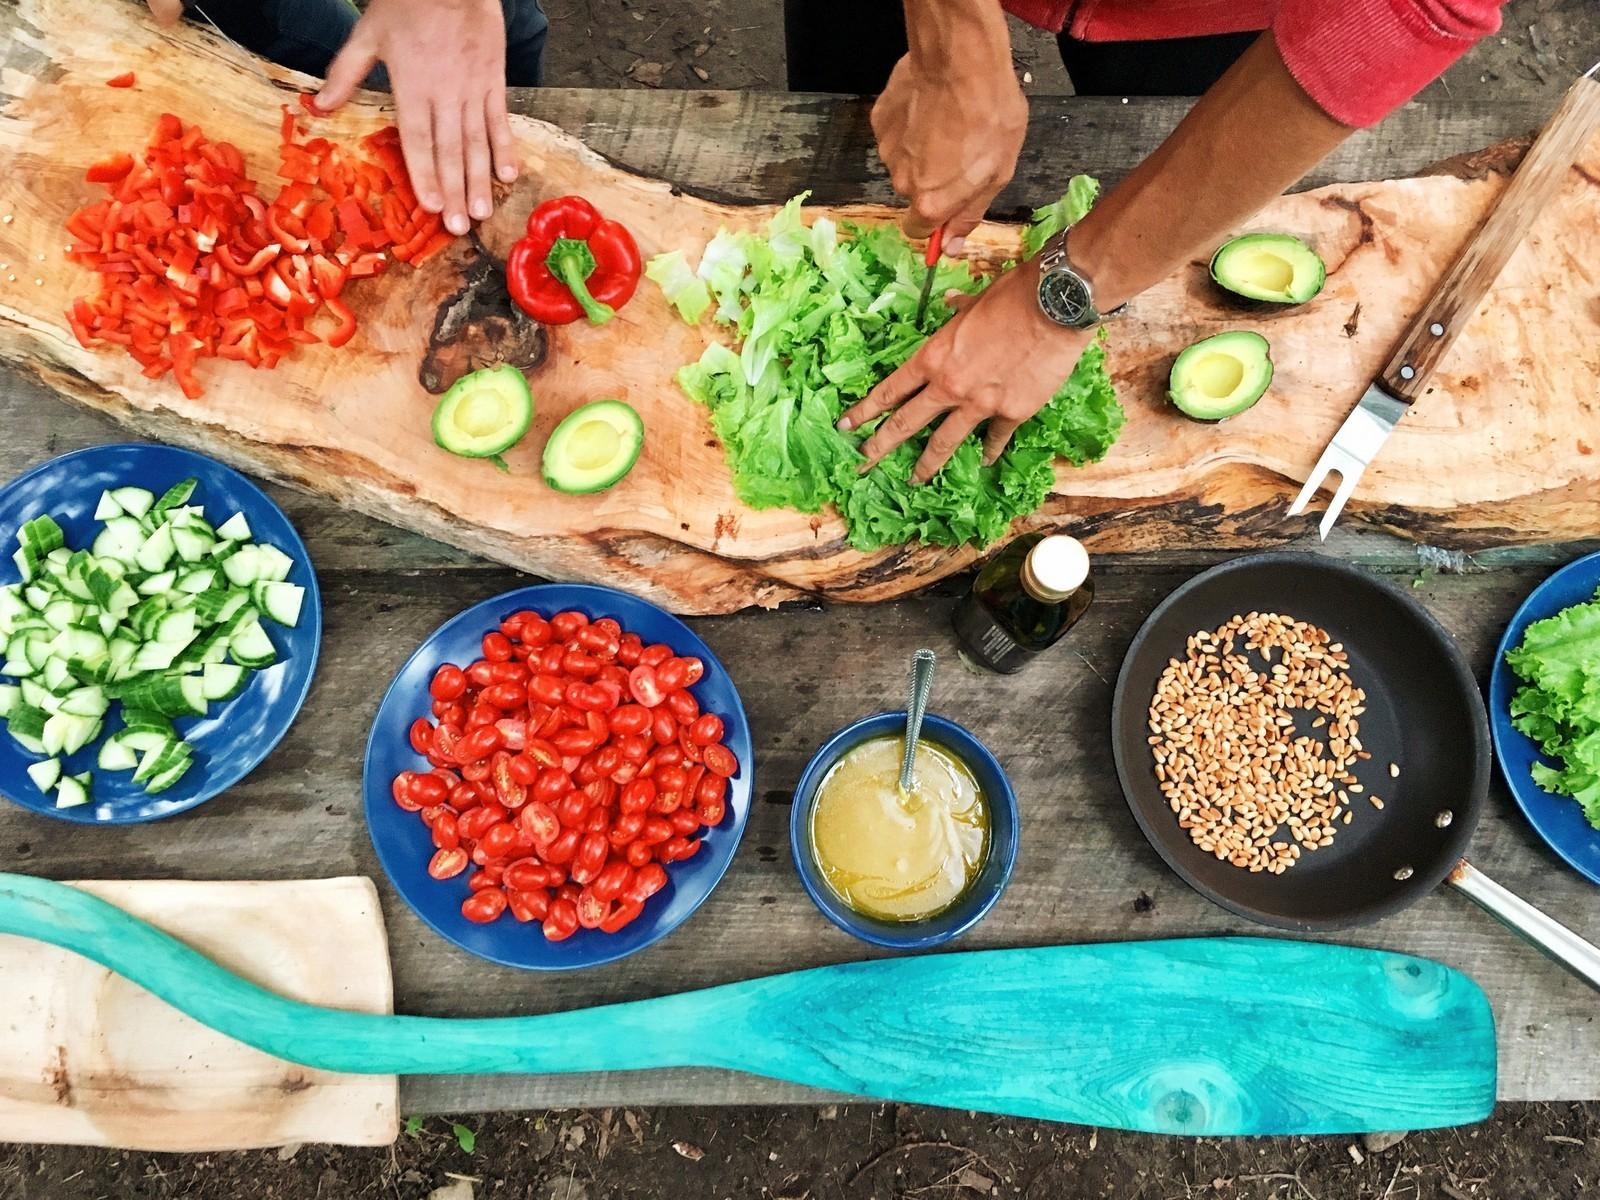 Que tal consumir menos carne e ganhar mais saúde? - Notícias - Plantão Diário